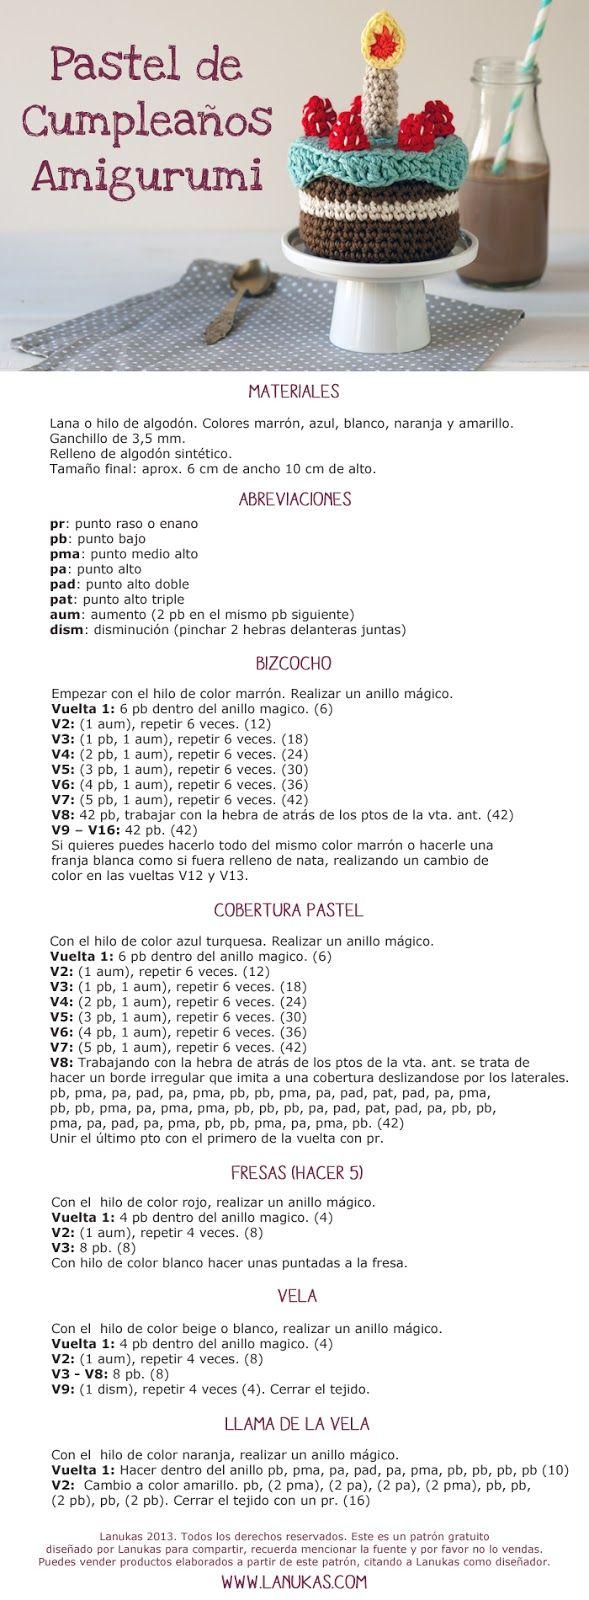 Pastel de Cumpleaños Amigurumi - Patrón Gratis en Español